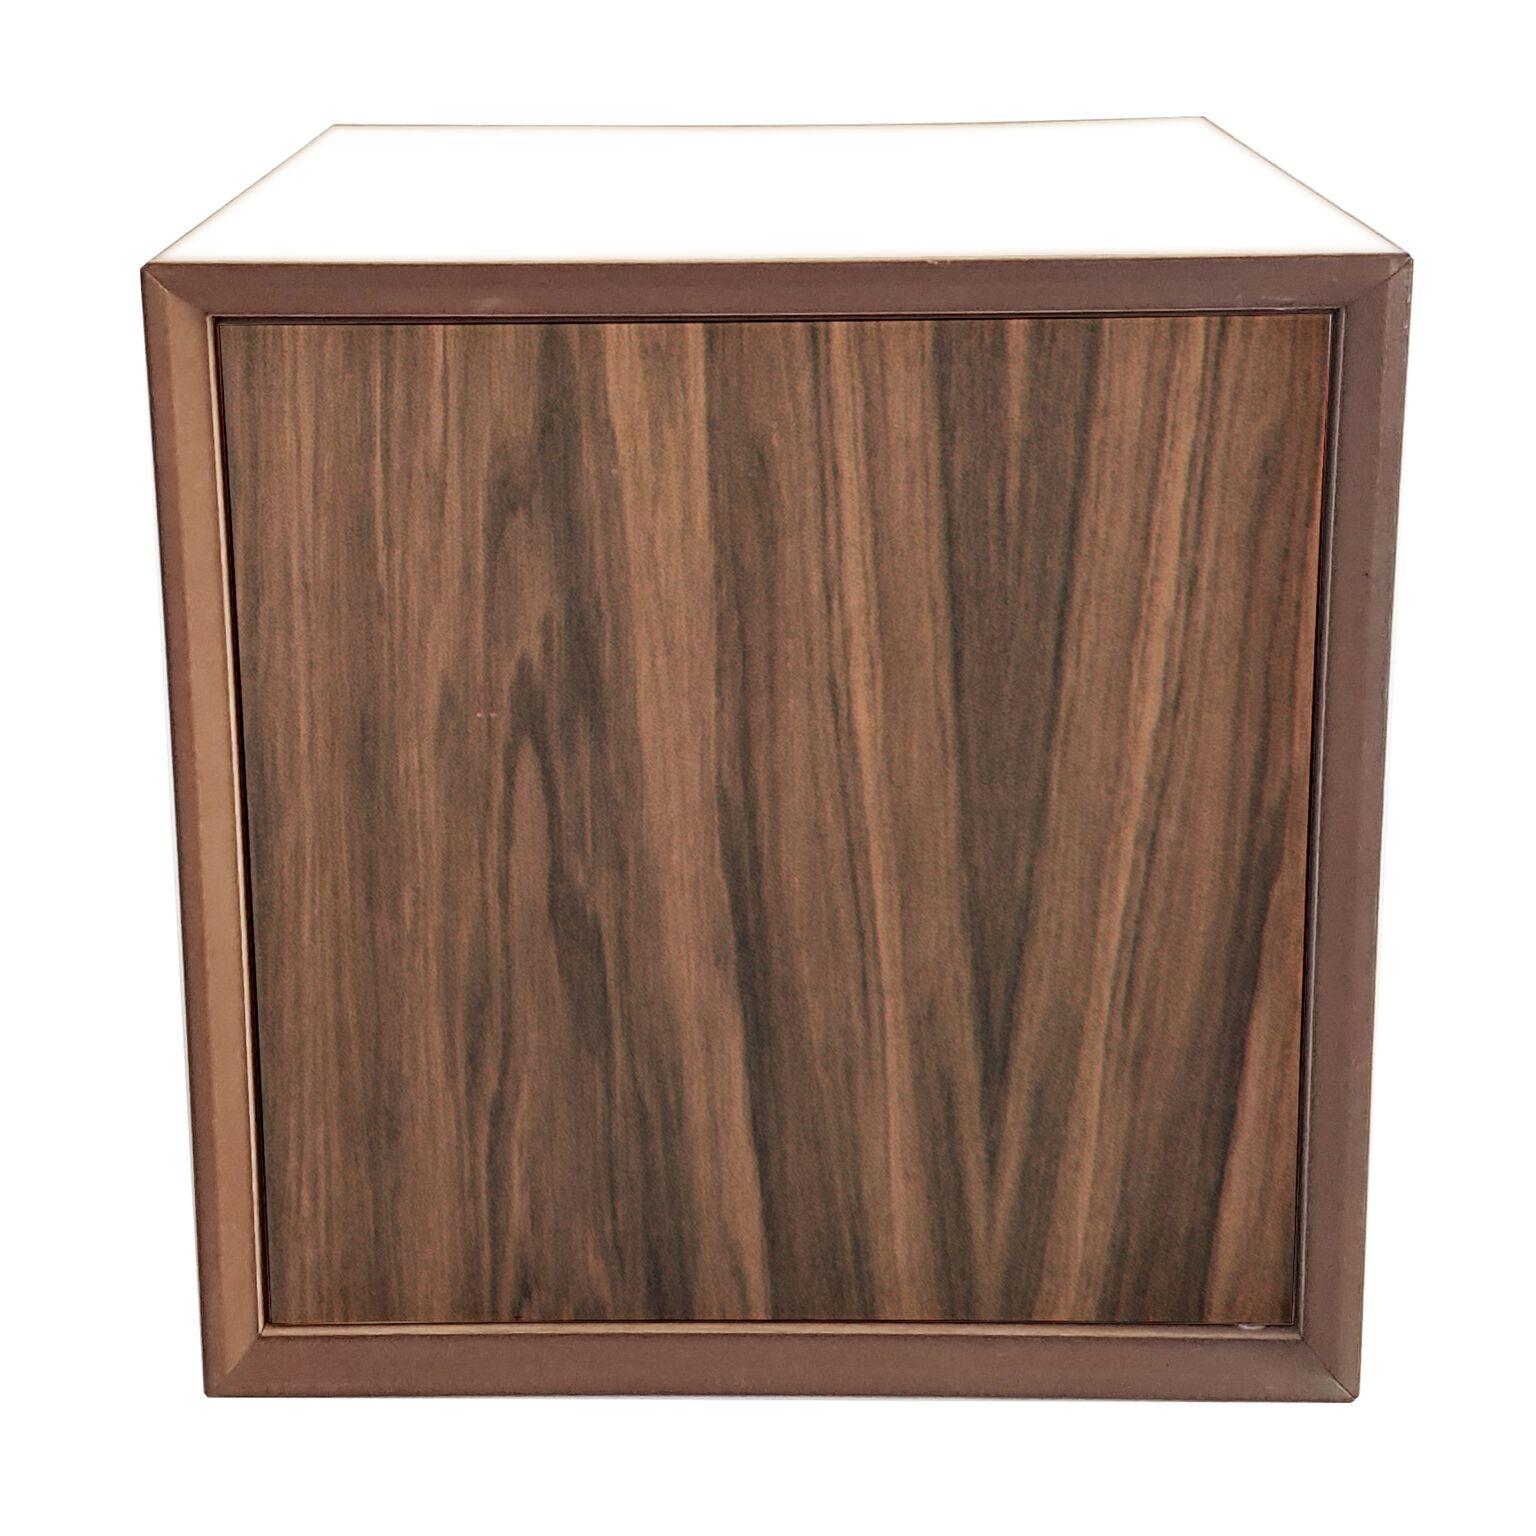 Dulap modular Pixel Wooden / White l40xA40xH40 cm